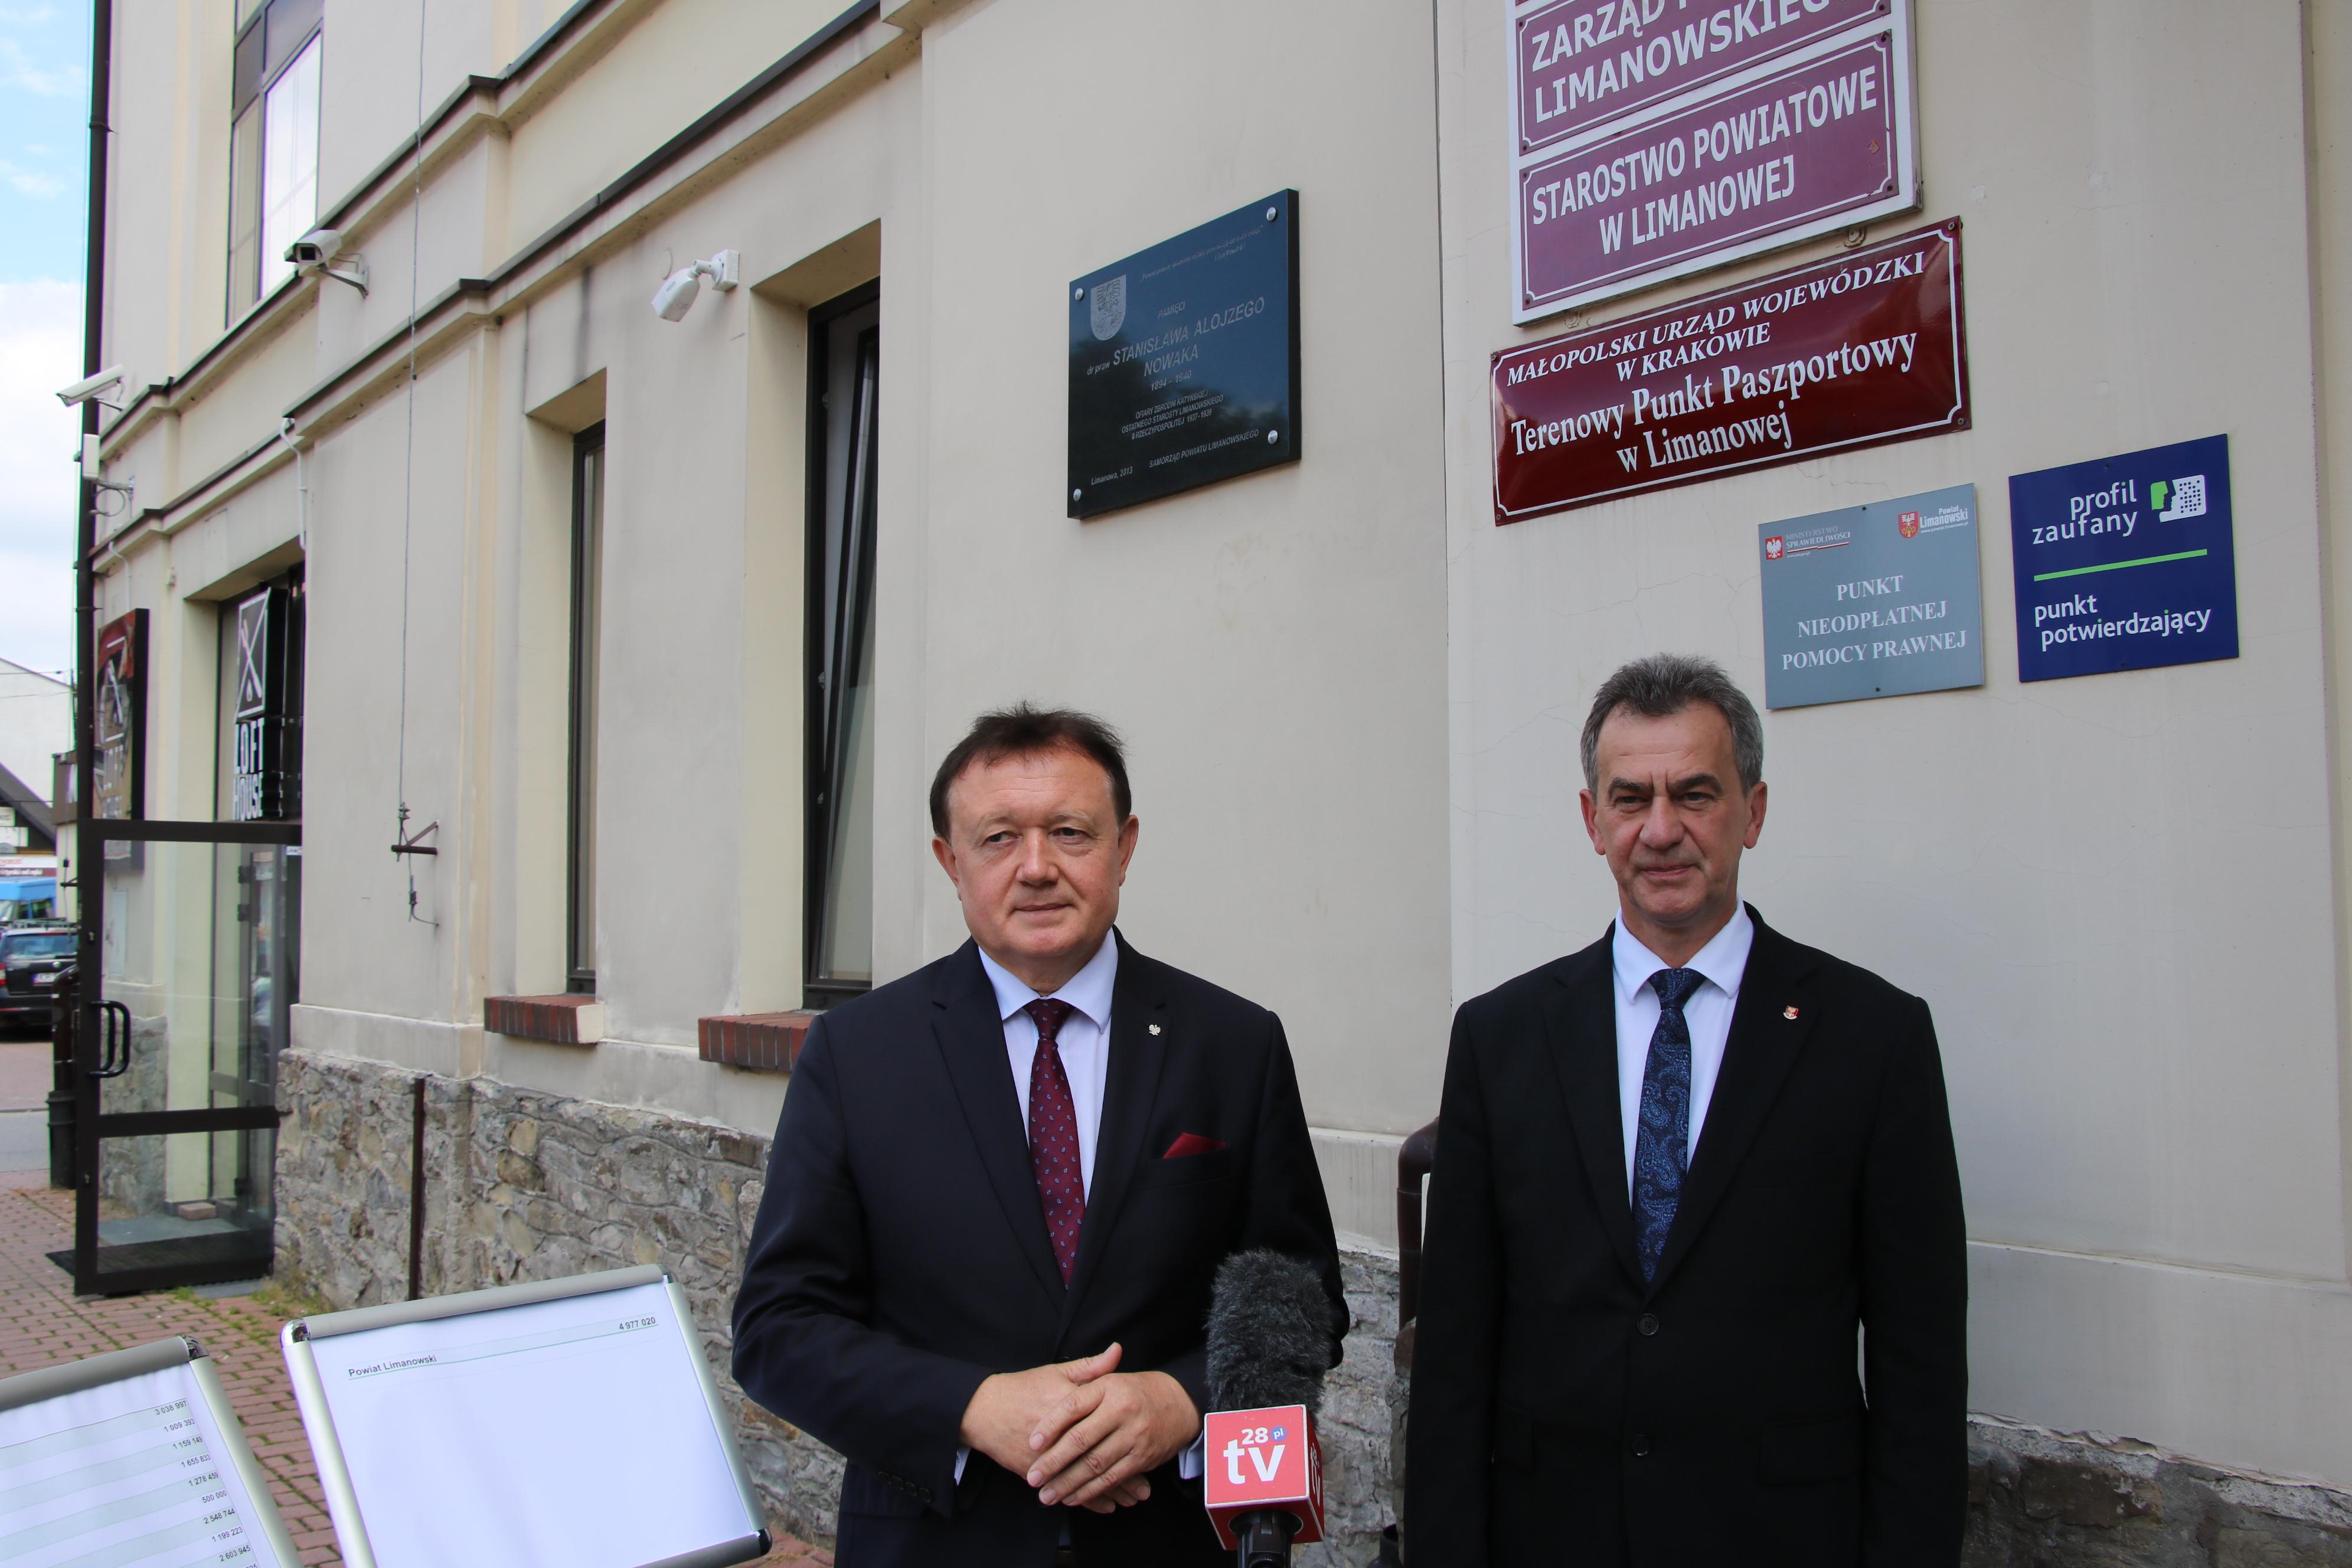 Poseł na Sejm RP Wiesław Janczyk oraz Starosta Limanowski- Mieczysław Uryga w trakcie briefiengu prasowego przed budynkiem Starostwa